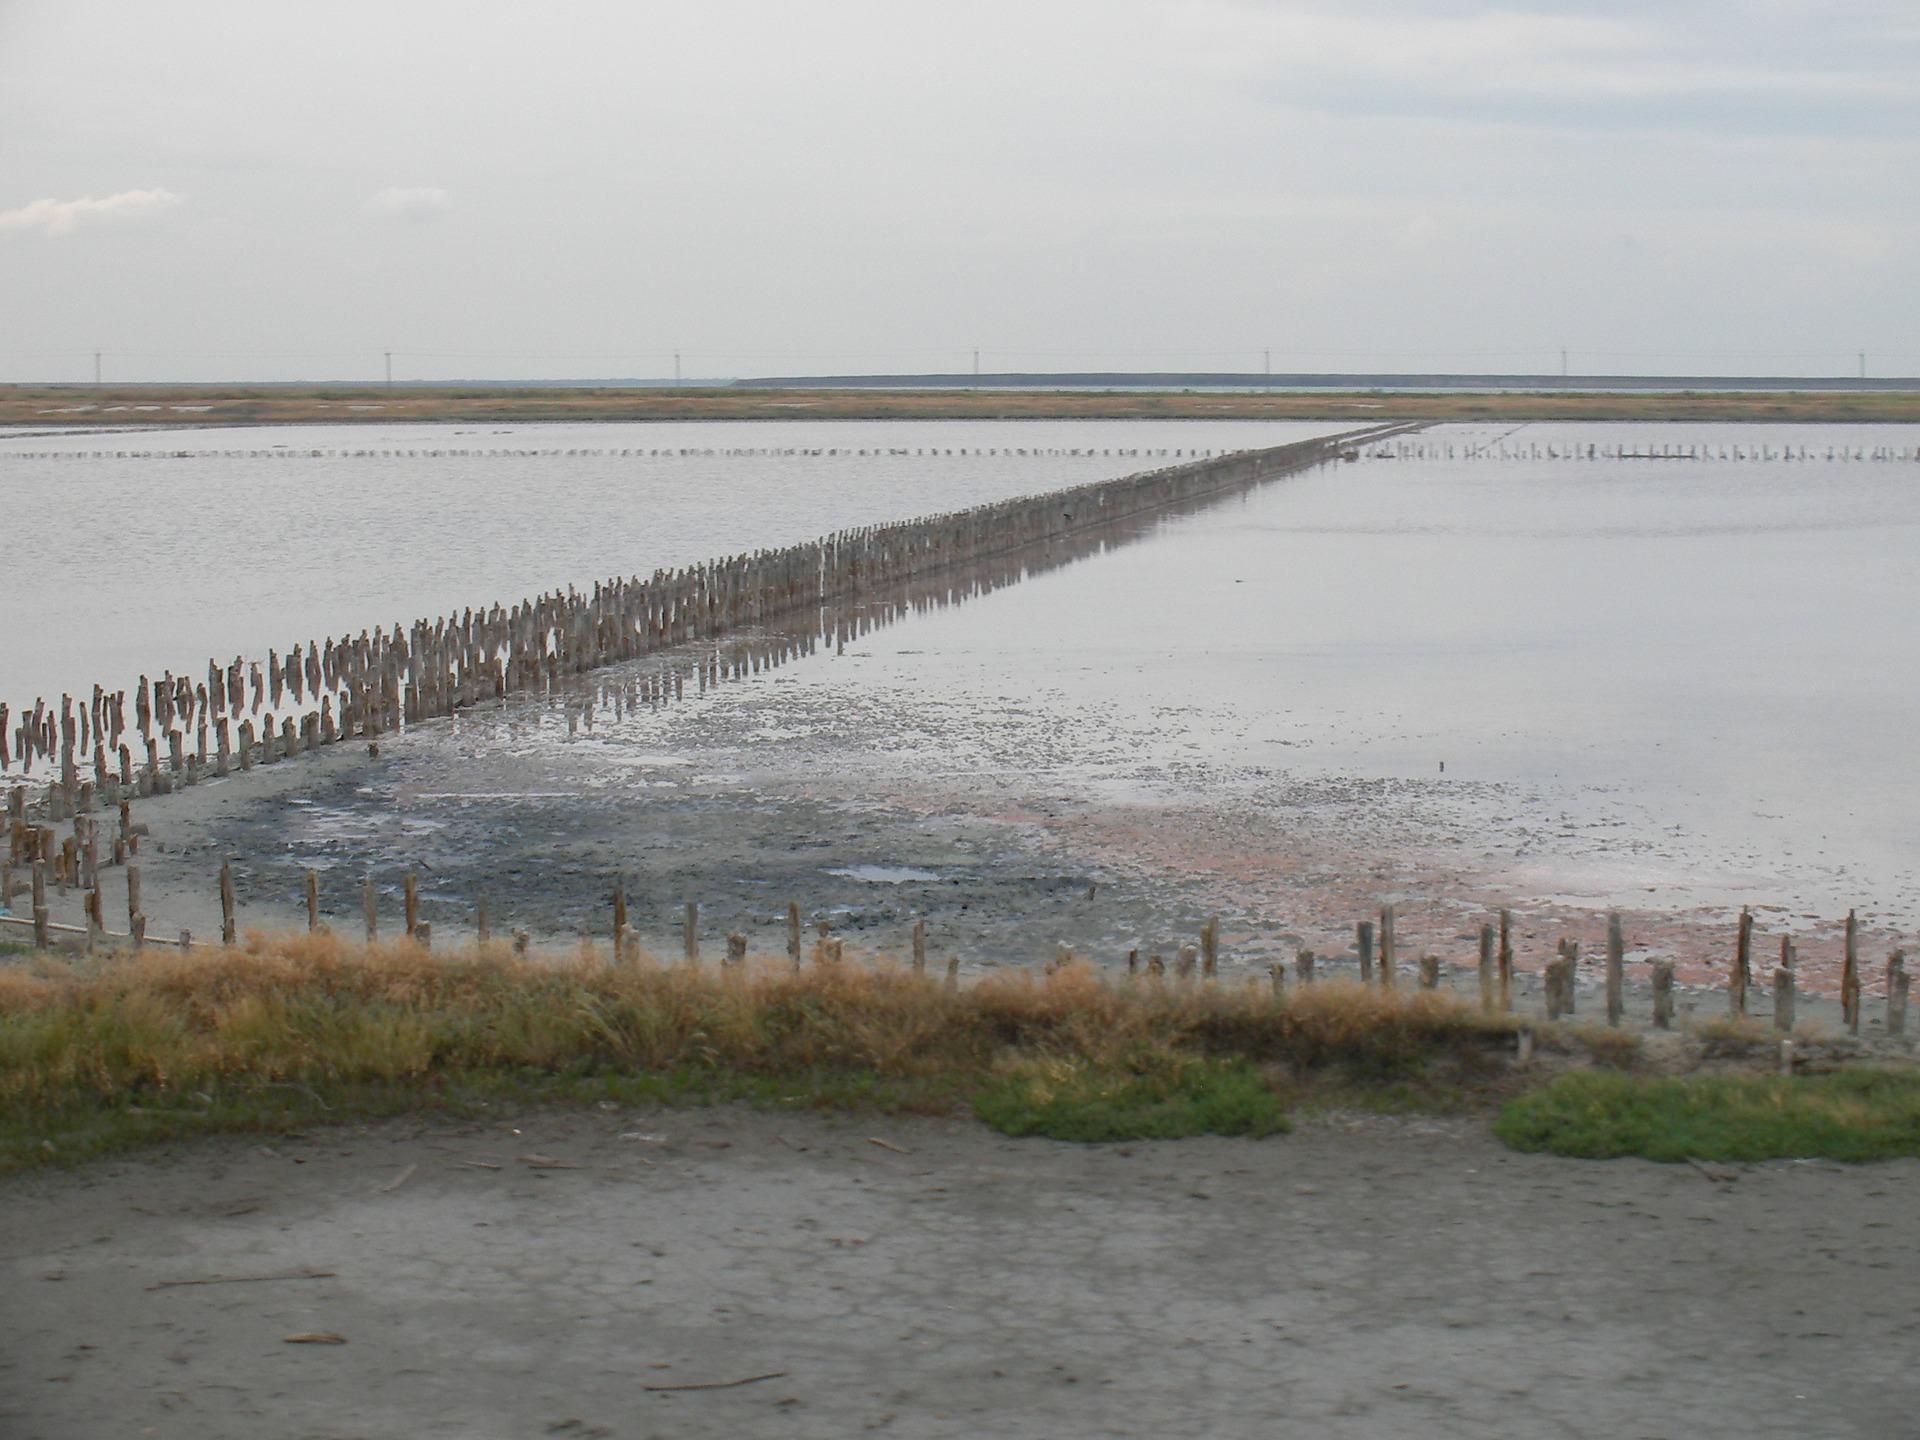 クリミア半島の近くに治療泥湖Sivash